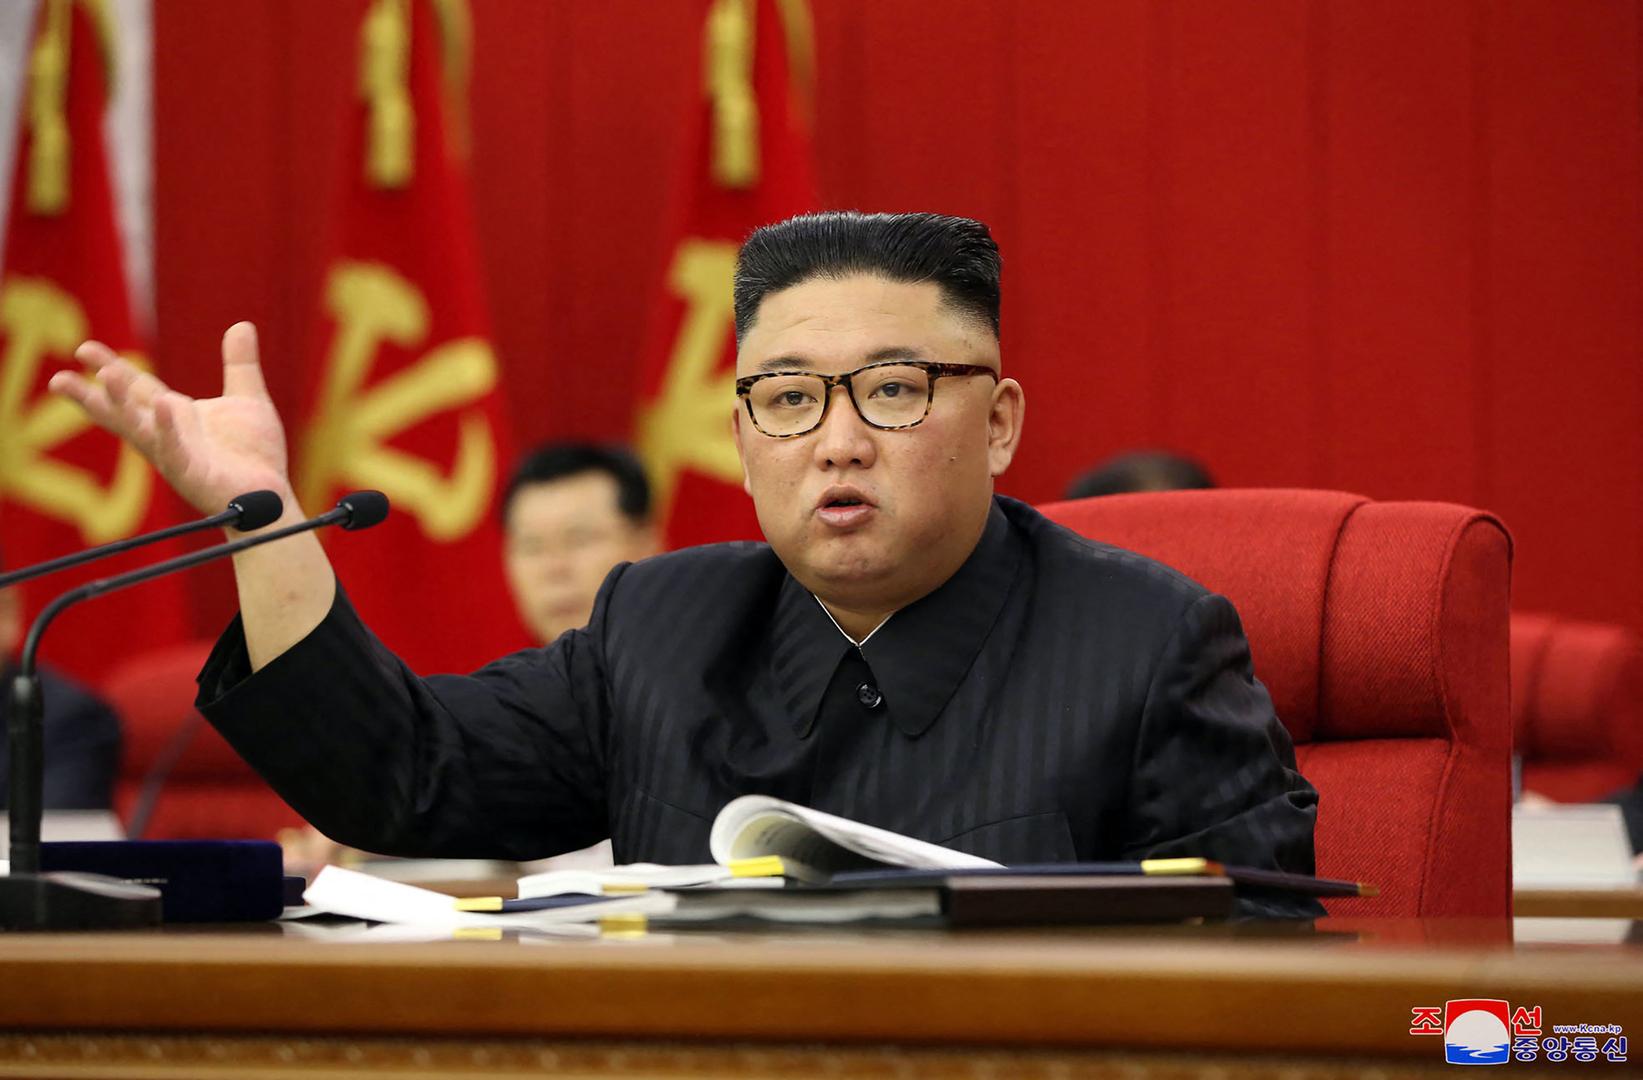 تلفزيون كوريا الشمالية يبث تصريحا يقول:  المواطنون انهمرت دموعهم كمدا على نحافة الزعيم